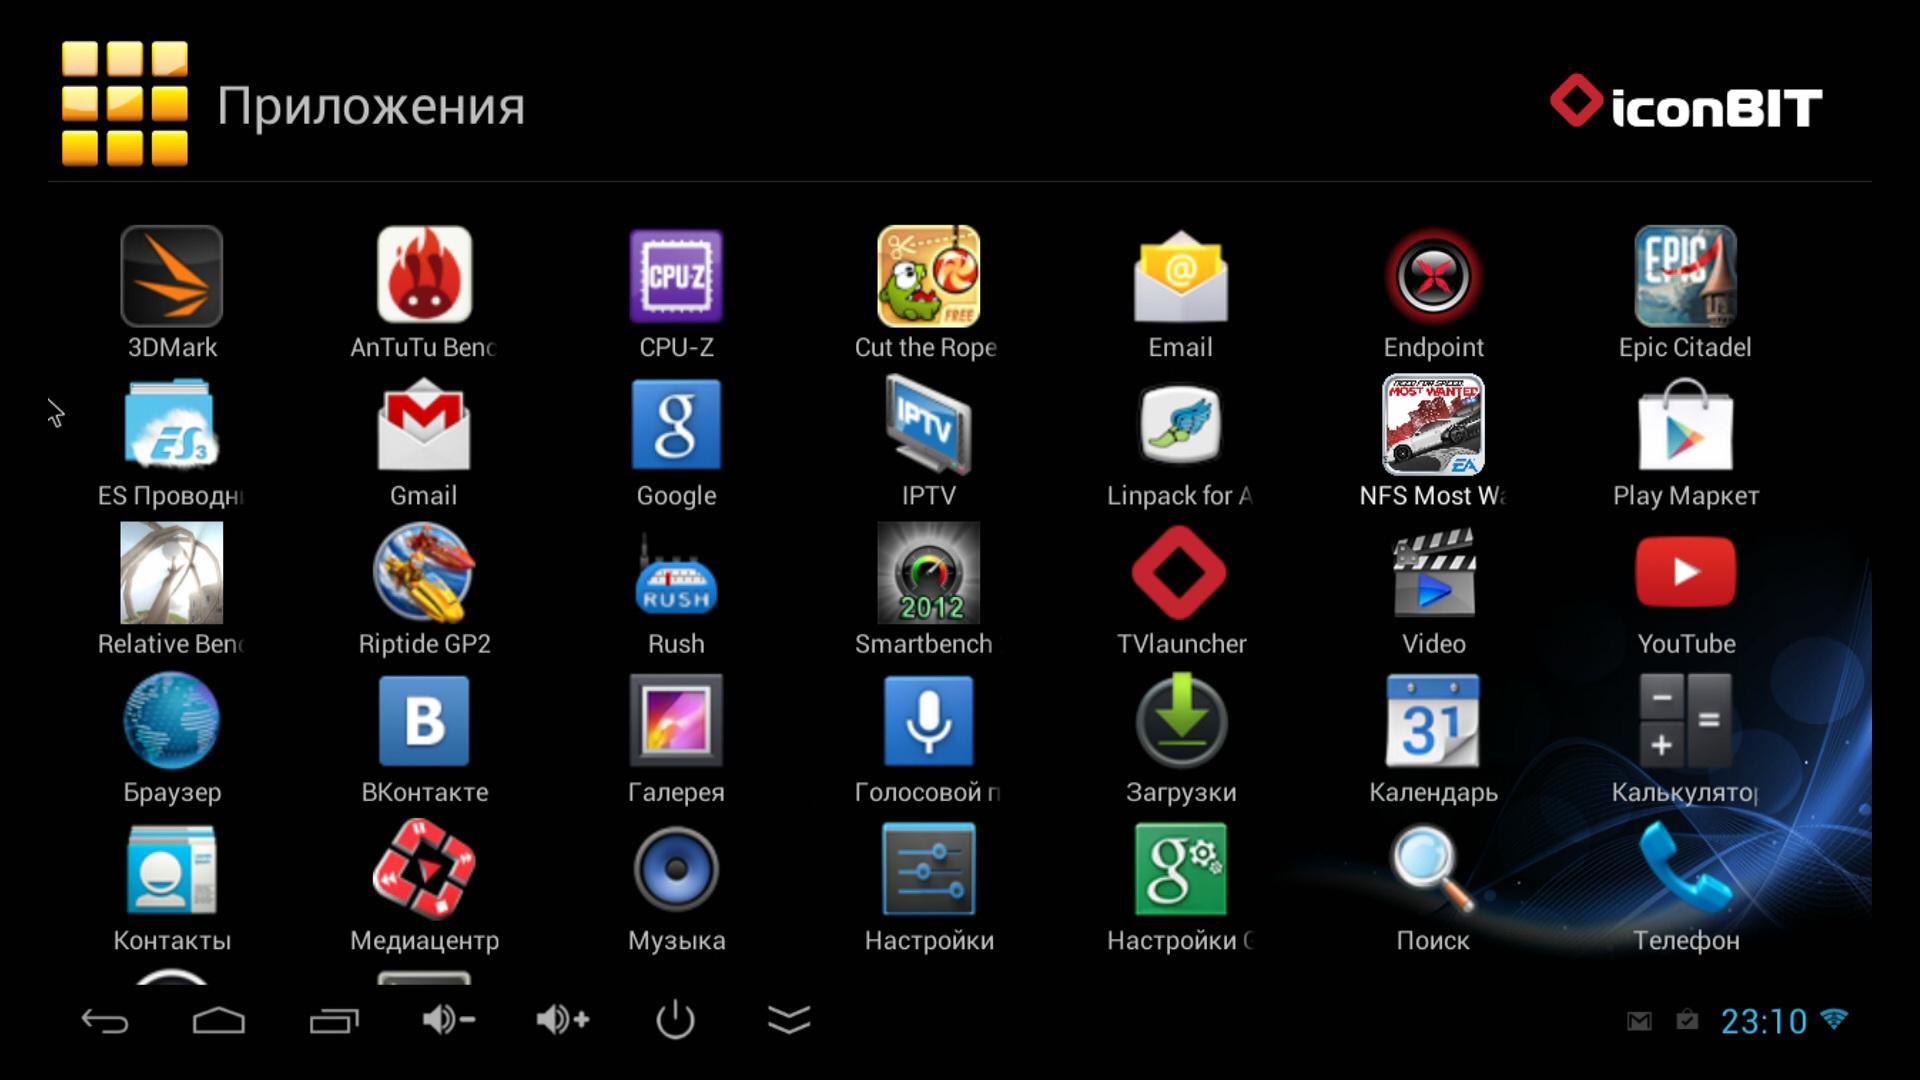 iConBit Toucan Stick G3